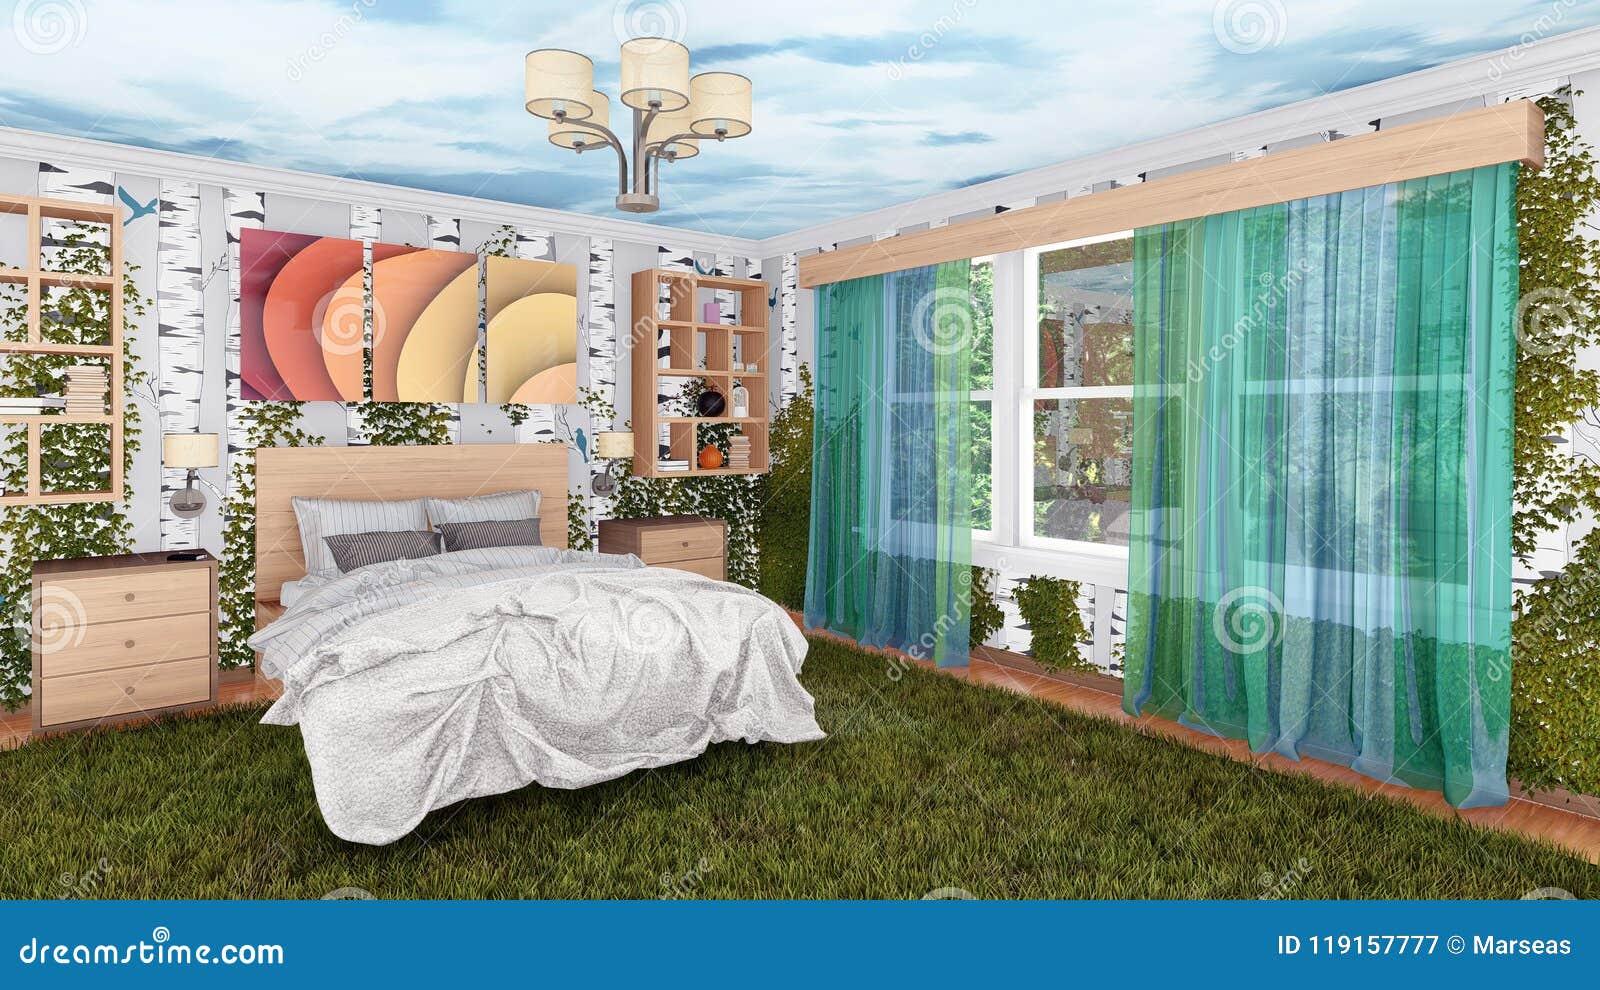 Pianta Camera Da Letto Matrimoniale : Interno ecologico della camera da letto con le piante verdi